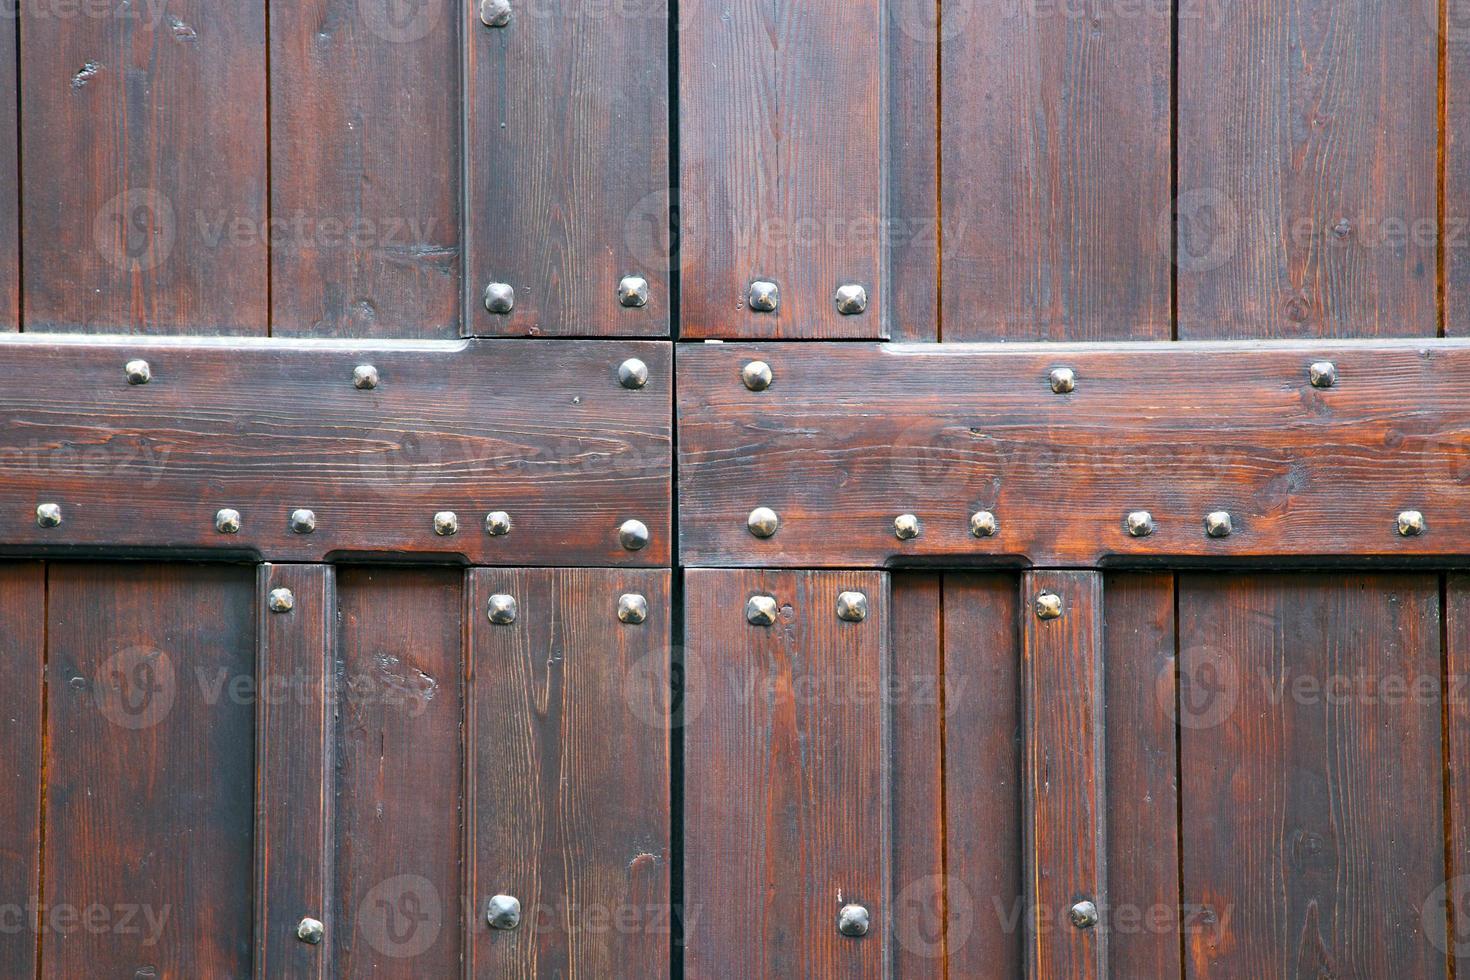 Vanzaghello abstracto de latón oxidado madera cerrada Lombardía Italia foto